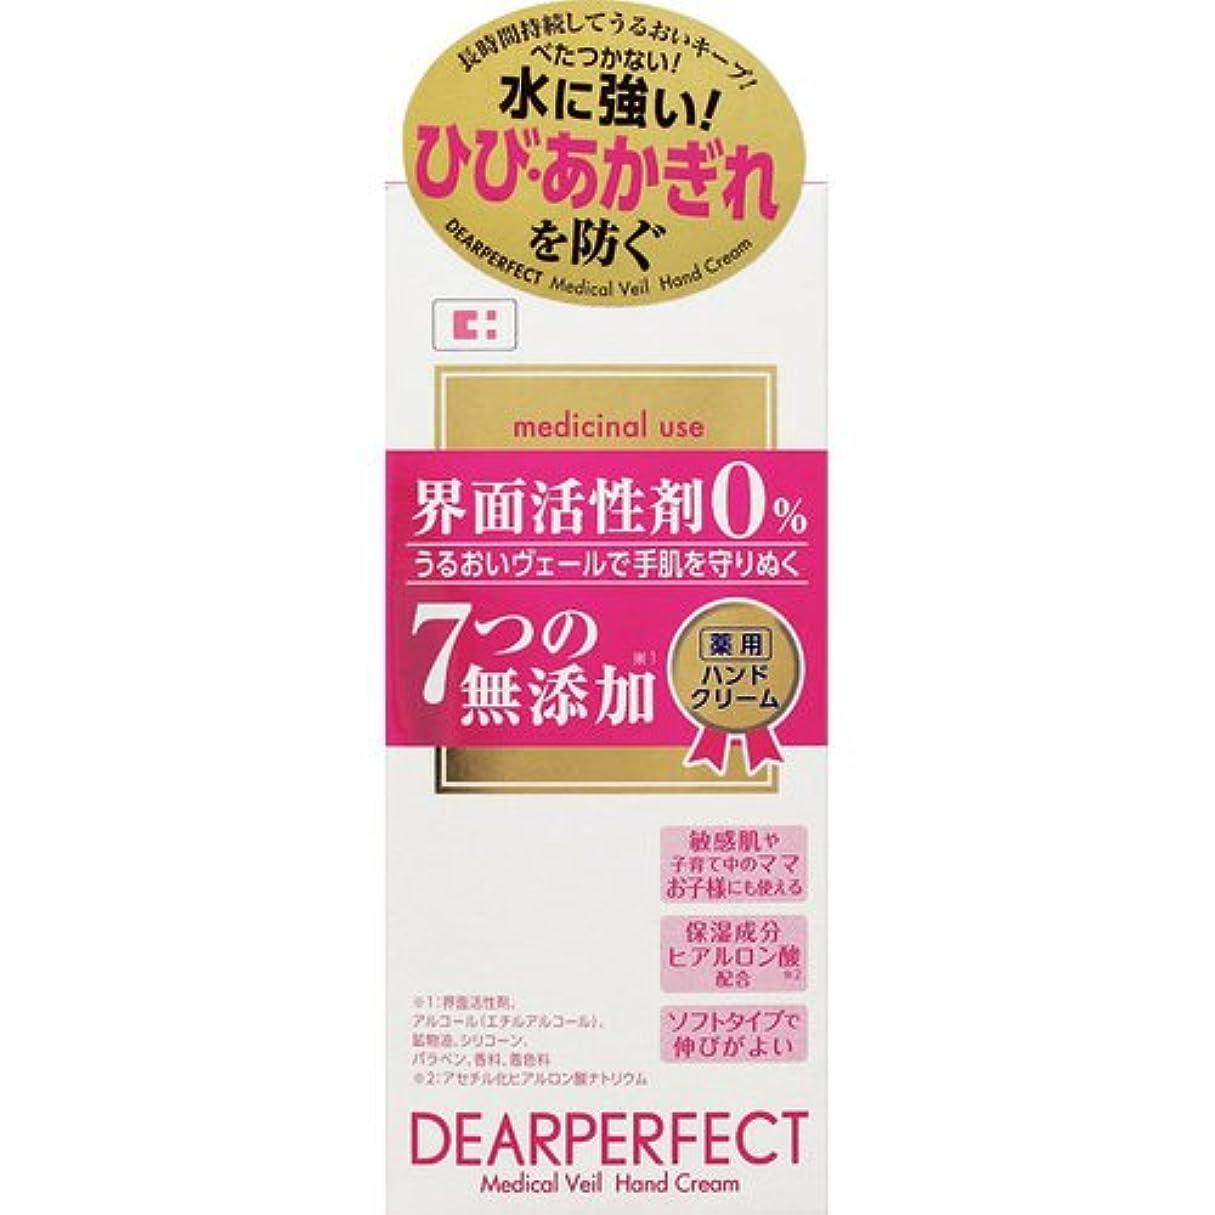 ベル固める聴覚ディアパーフェクト メディカルヴェール ハンドクリーム 40g [医薬部外品]